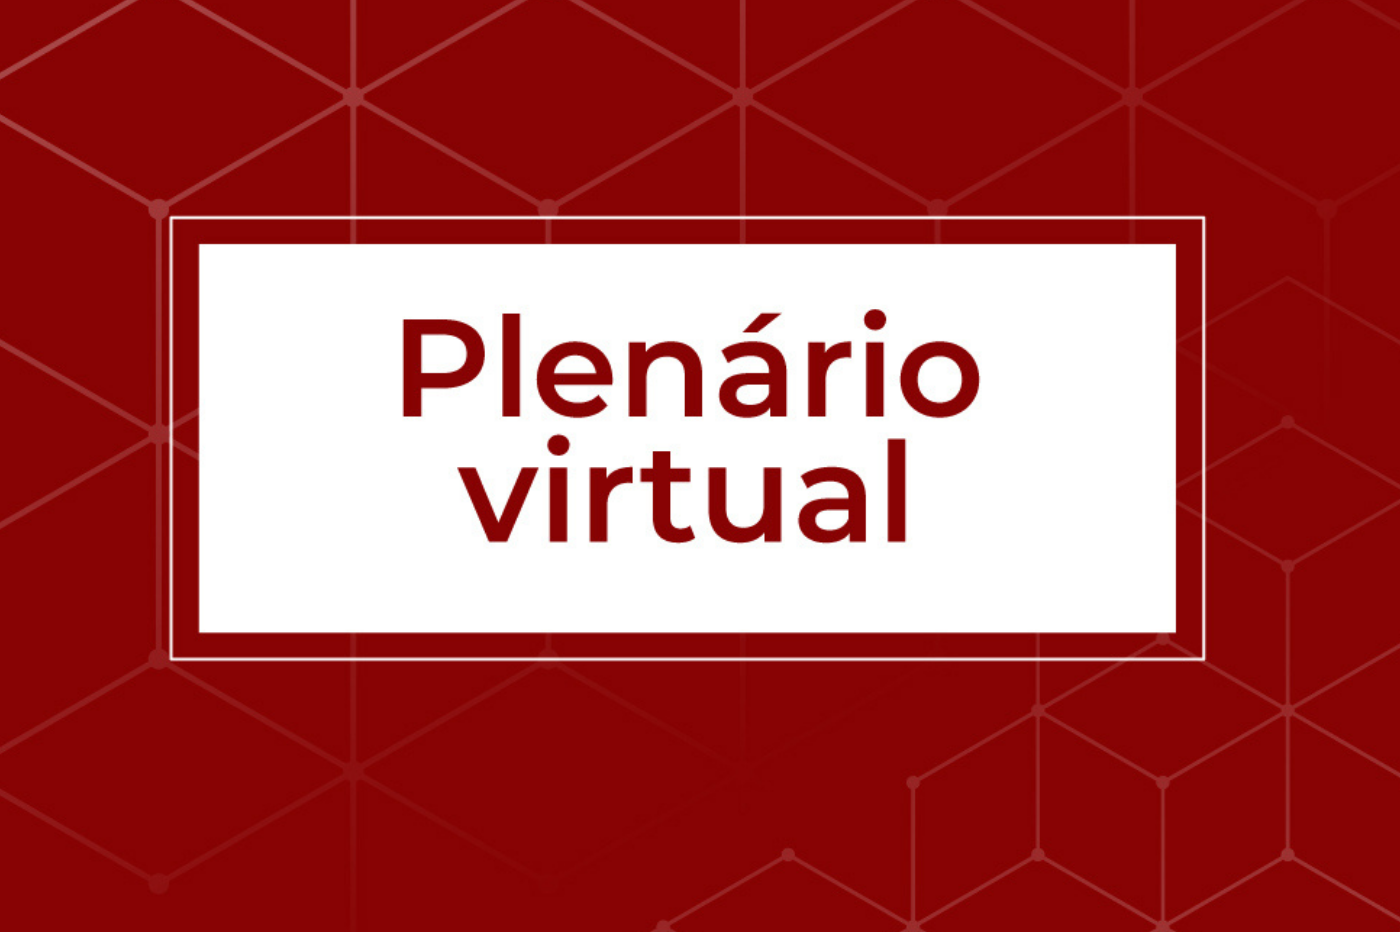 banner noticia plenario virtual